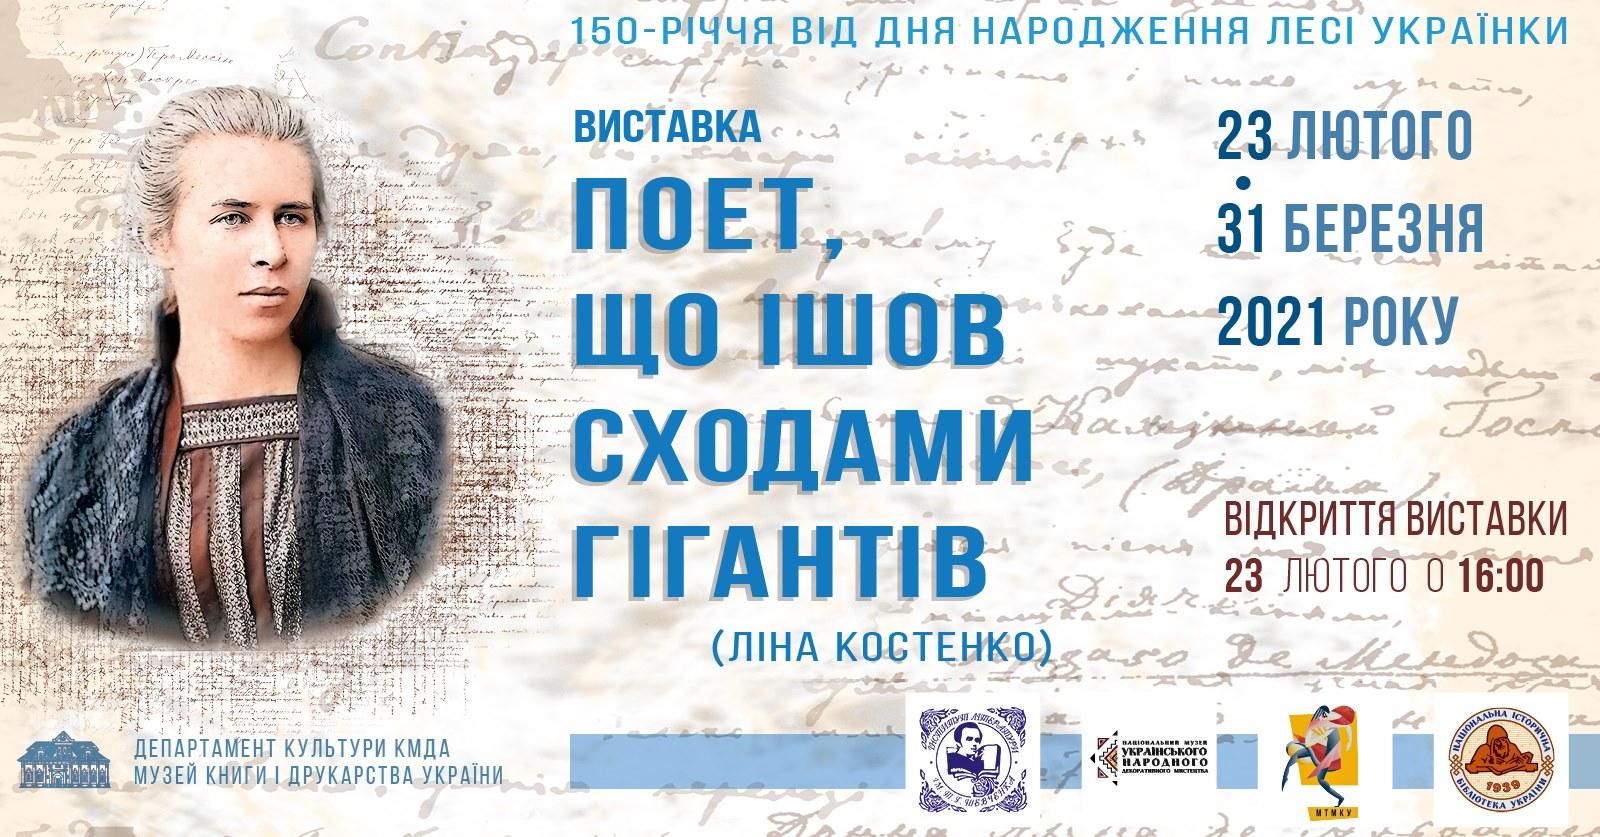 Поет, що ішов сходами гігантів. До 150-річчя від дня народження Лесі Українки